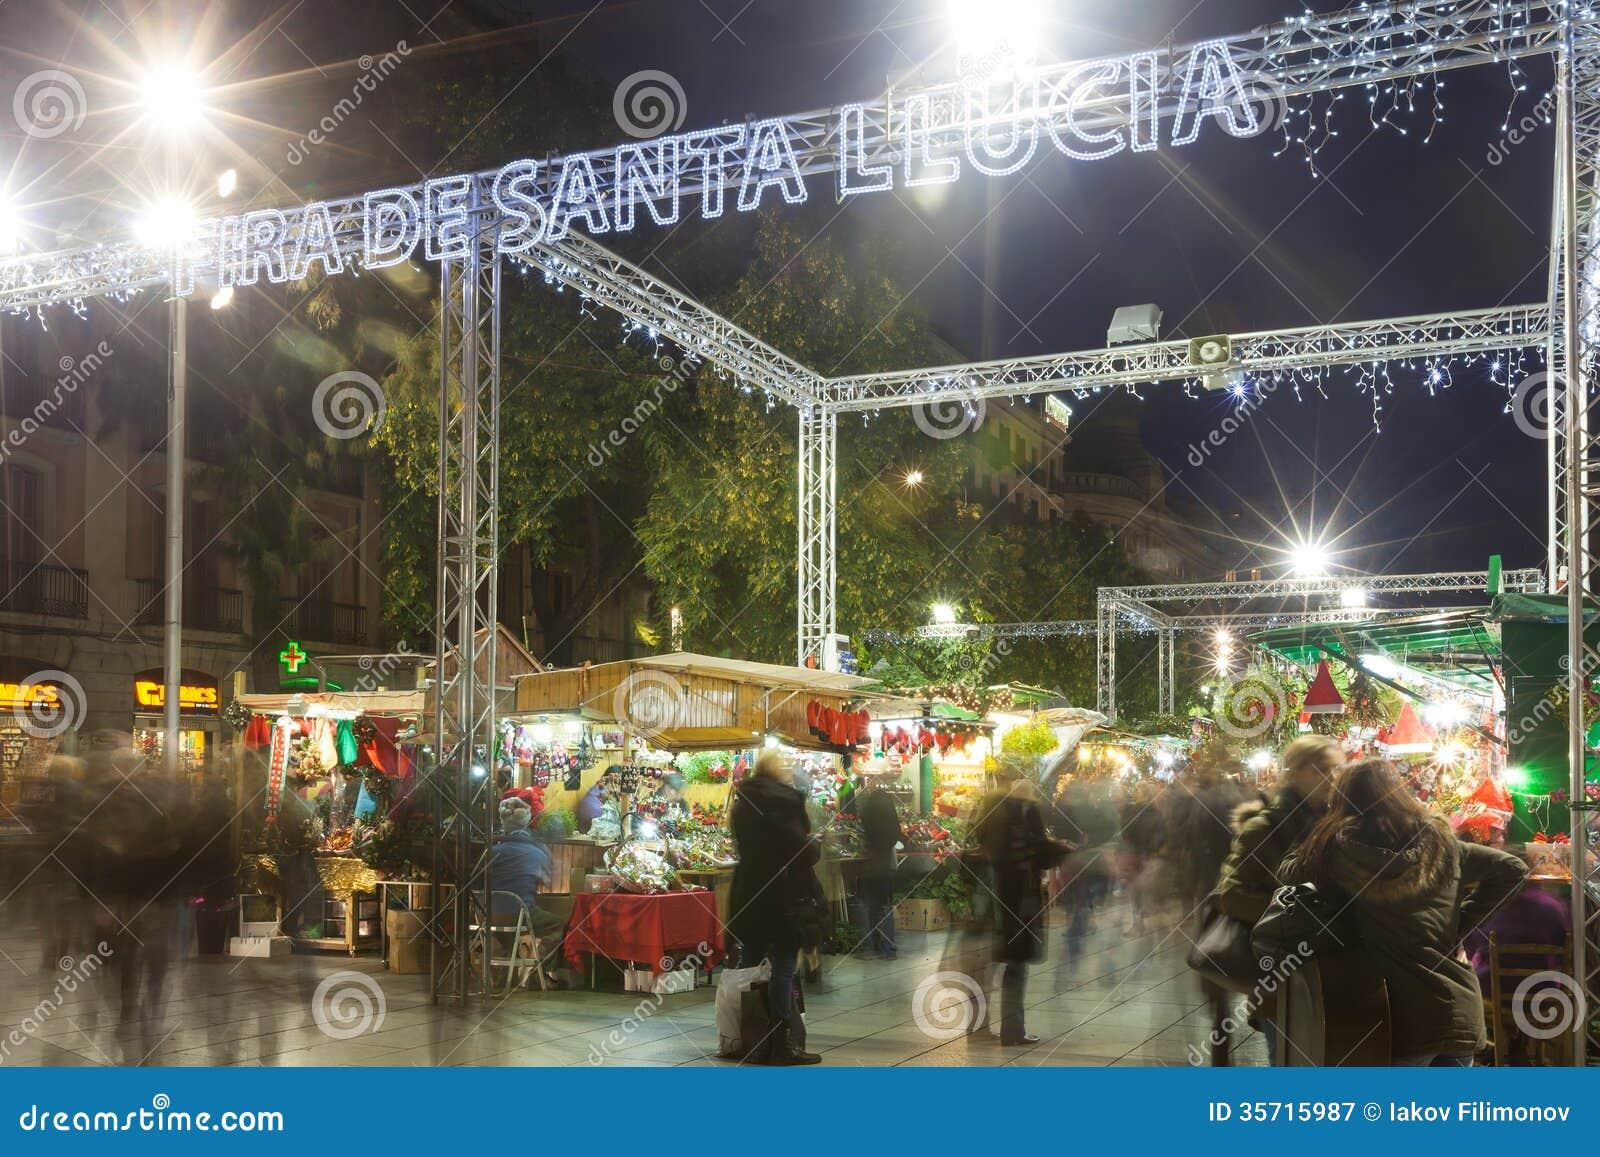 Fira de Santa Llucia - Christmas market near Cathedral. Barcelona